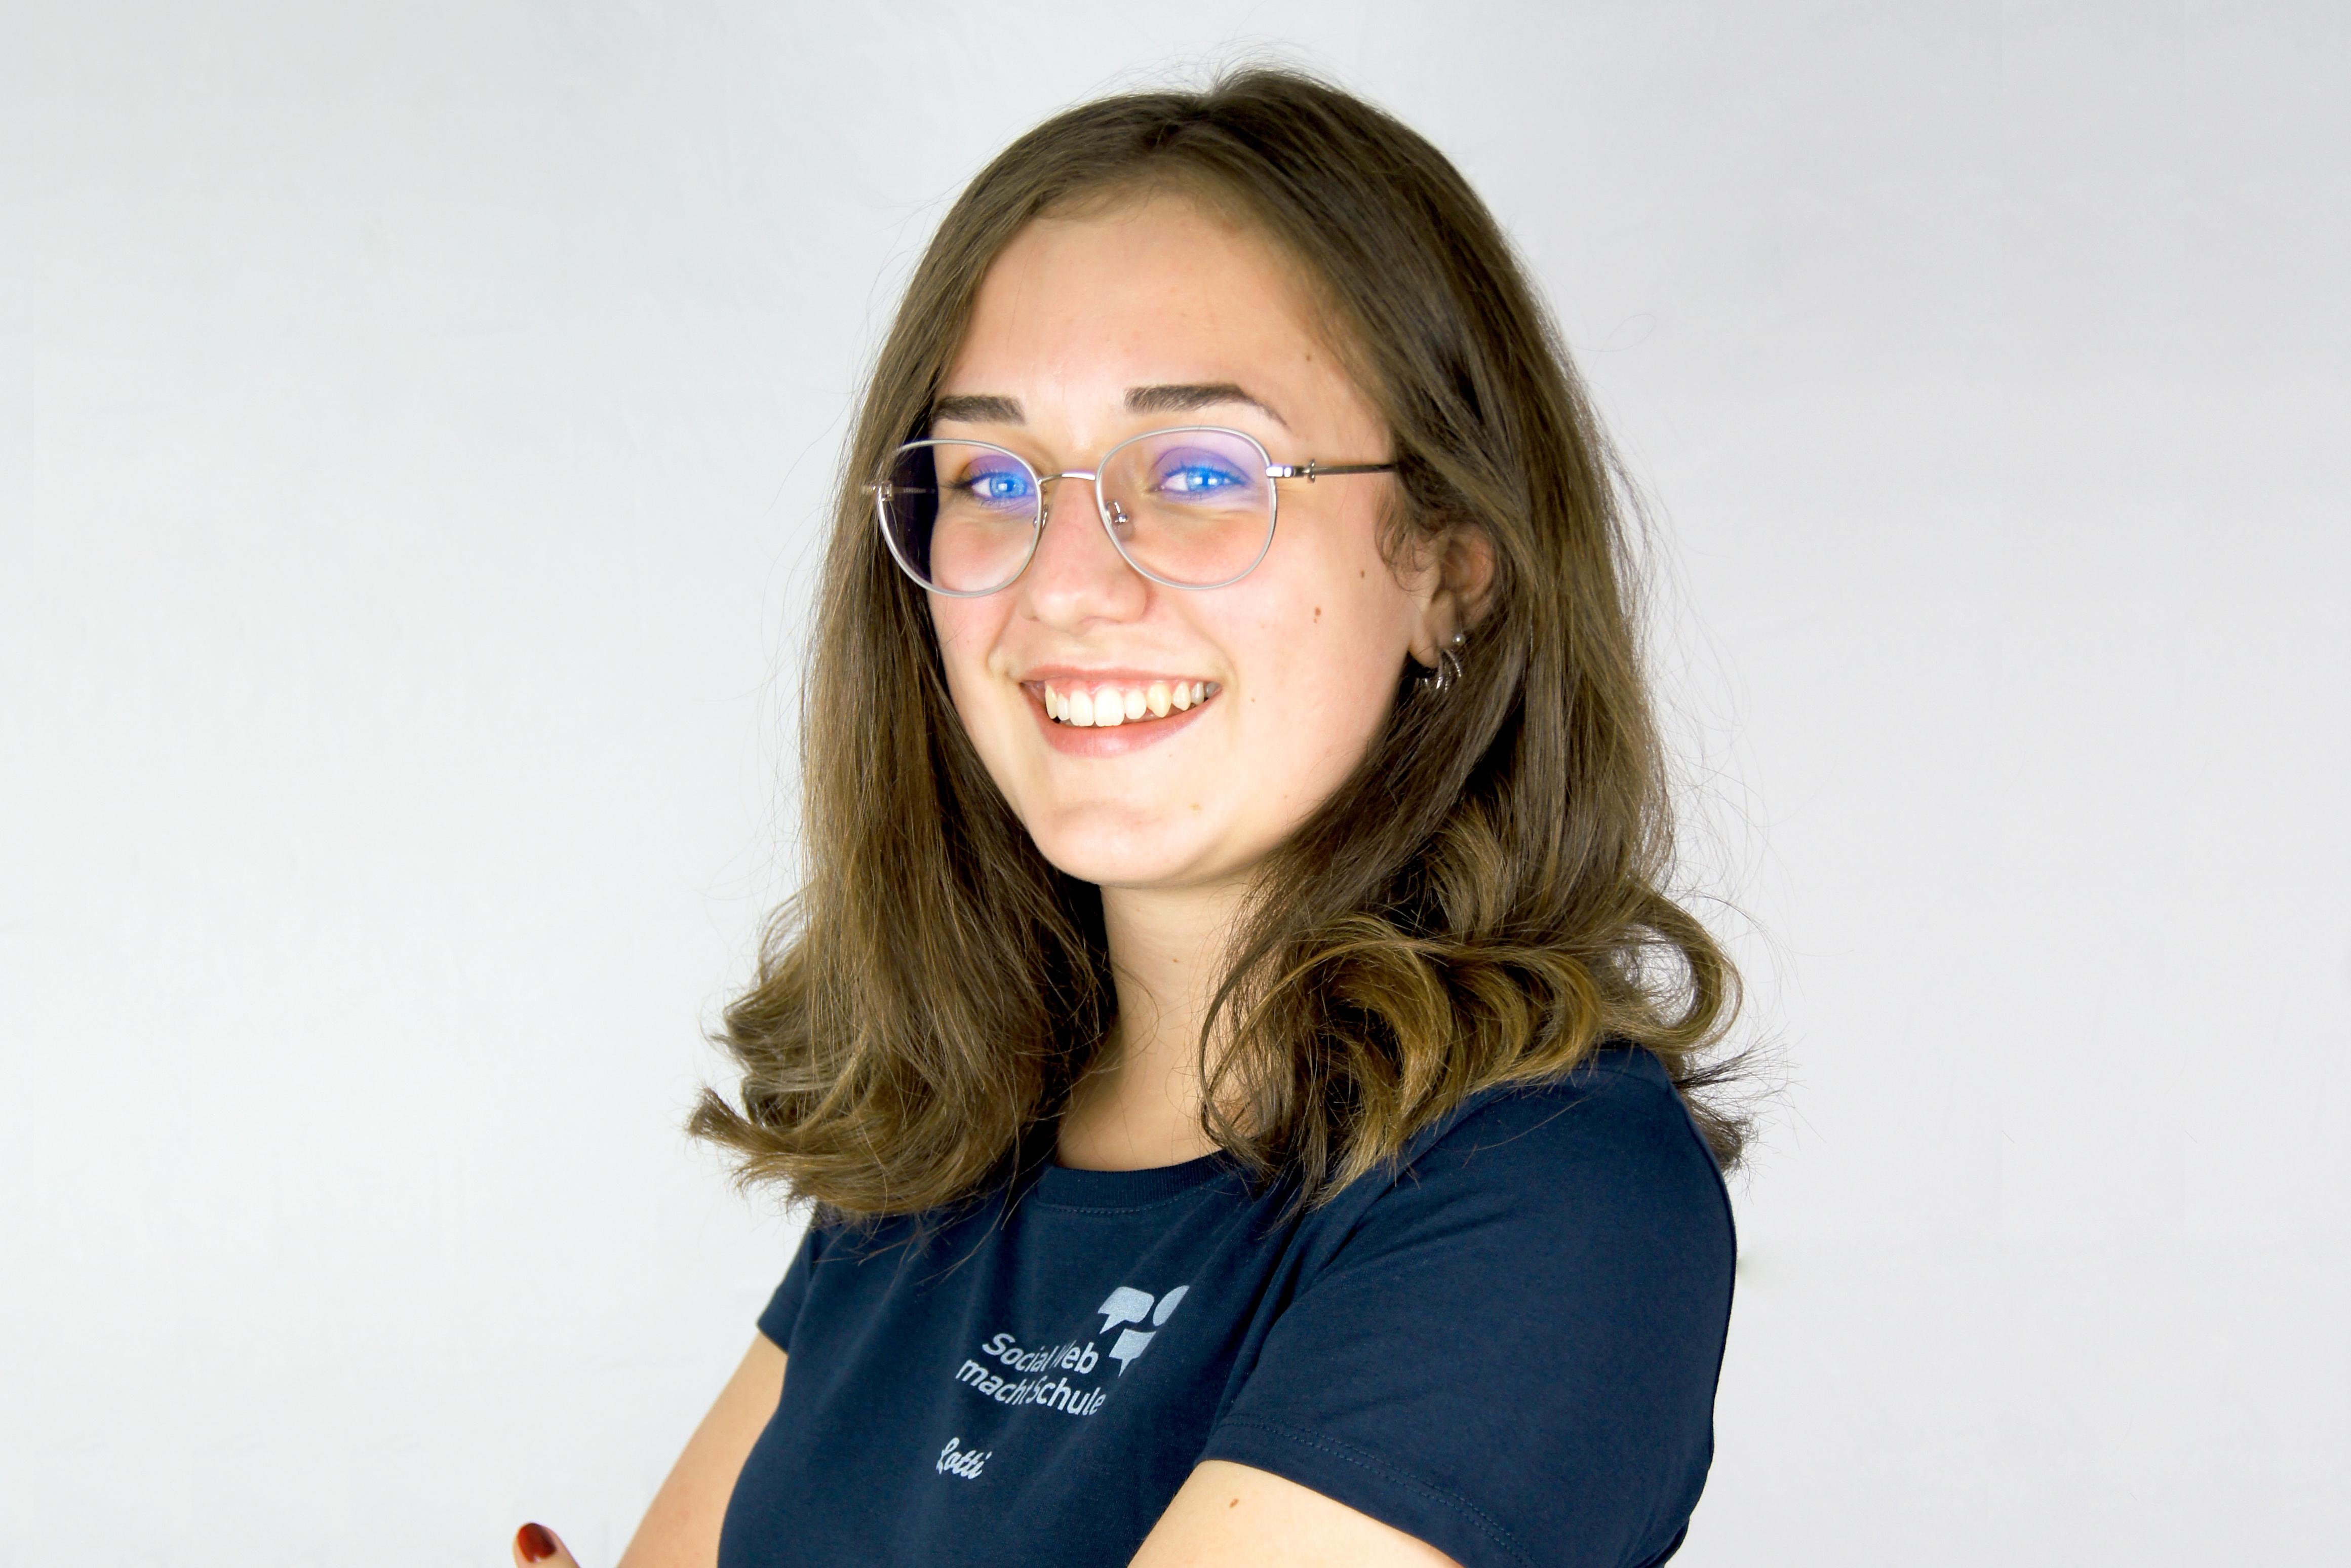 Lotti - Ehrenamtliche Schülerin bei Social Web macht Schule